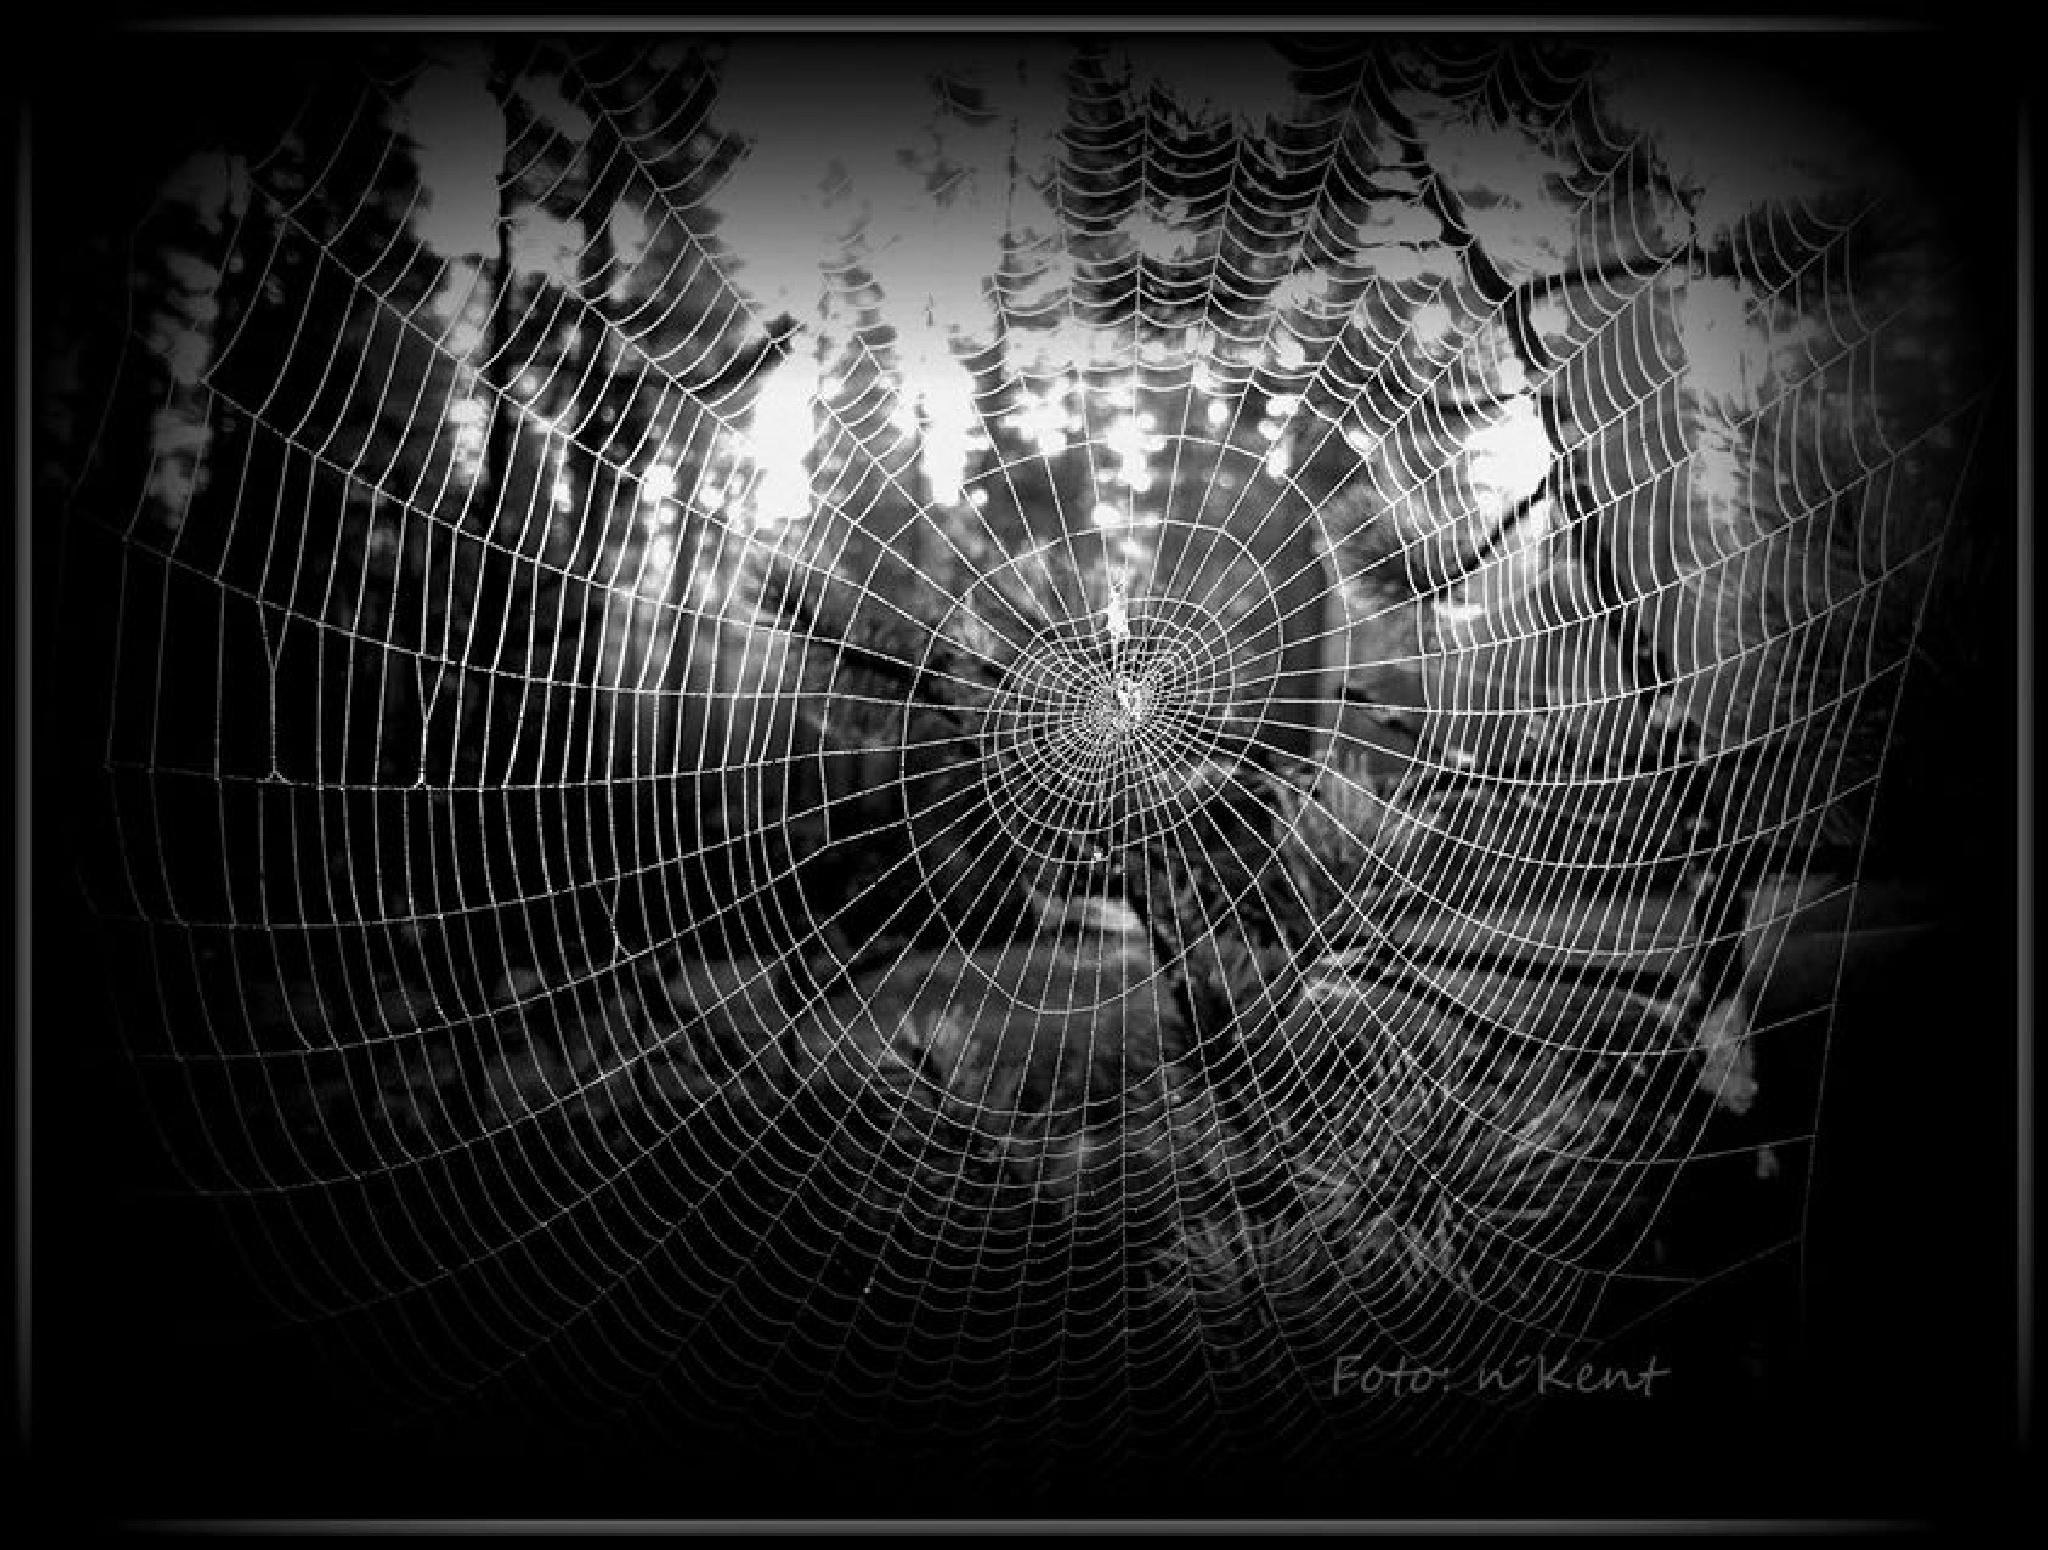 World Wide Web? by nKentK